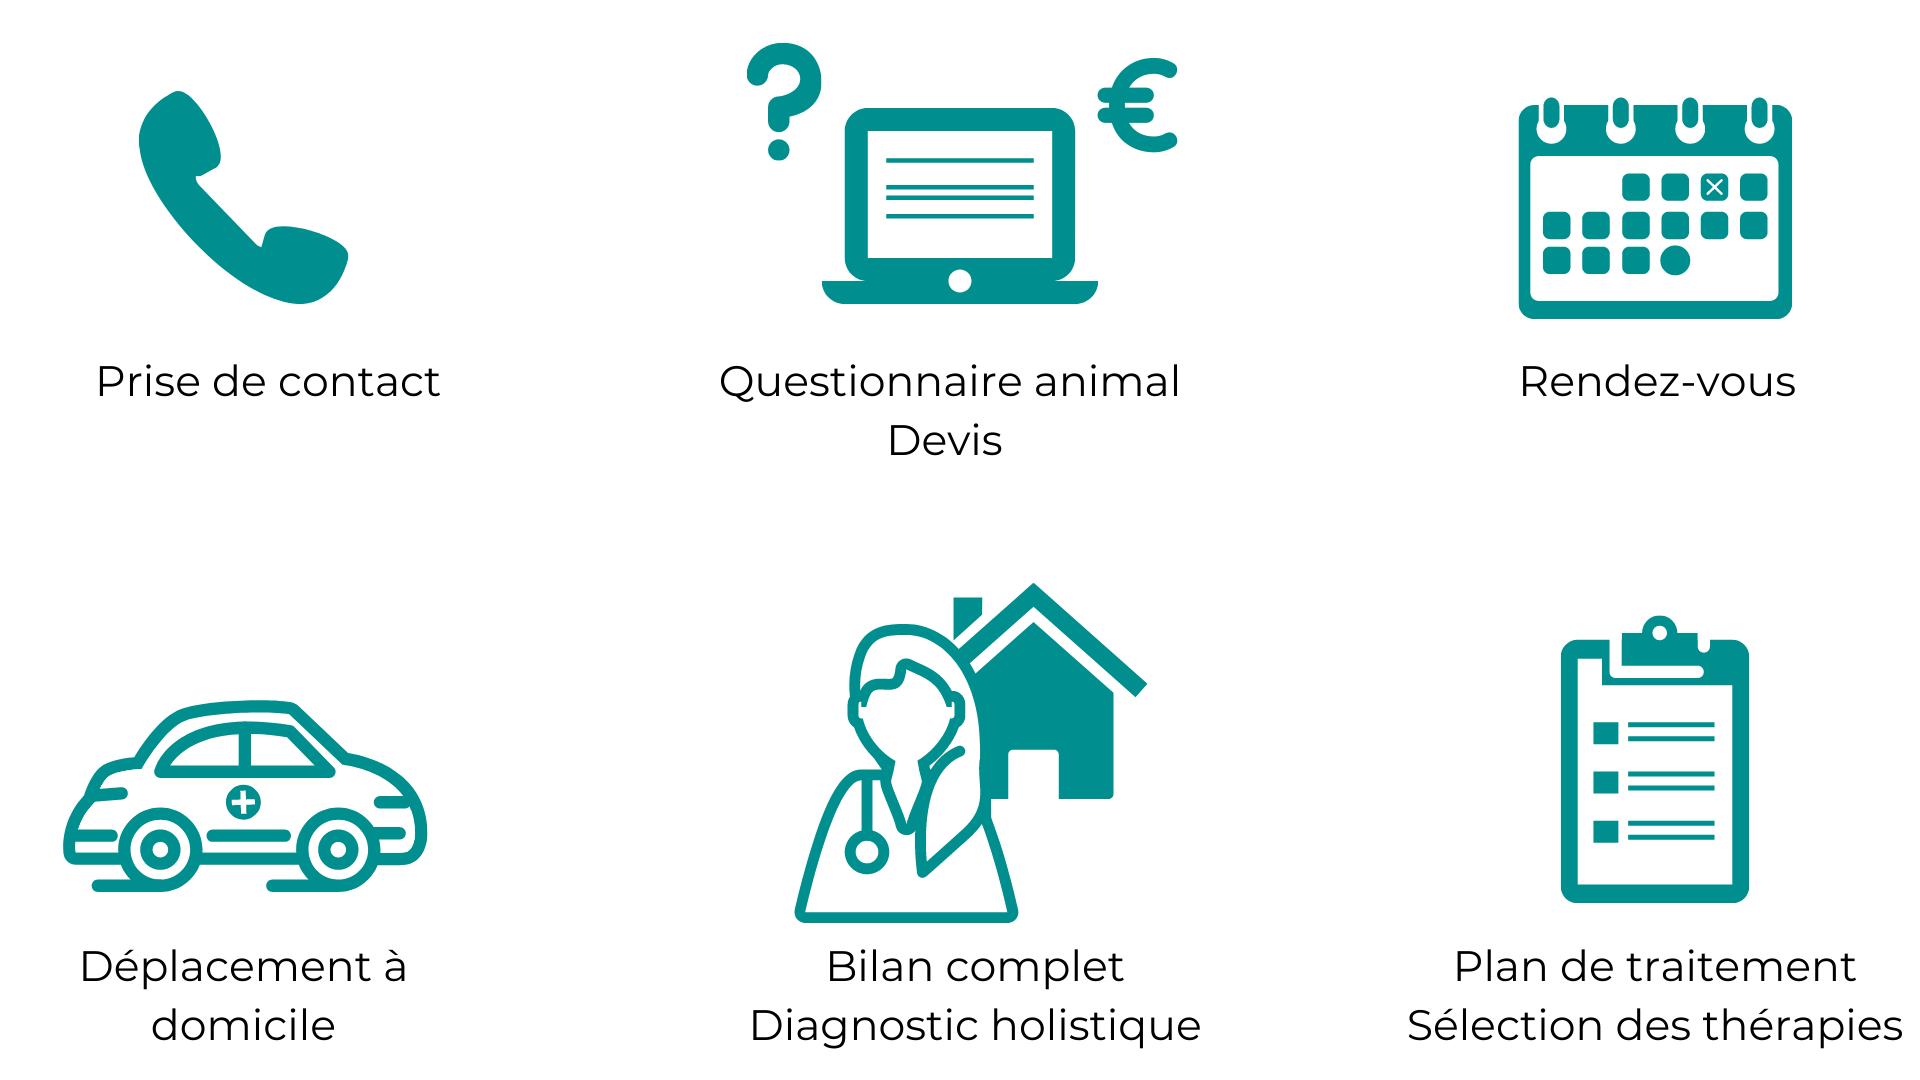 consultation chien chat médecine vétérinaire naturelle alternative soins naturels plantes